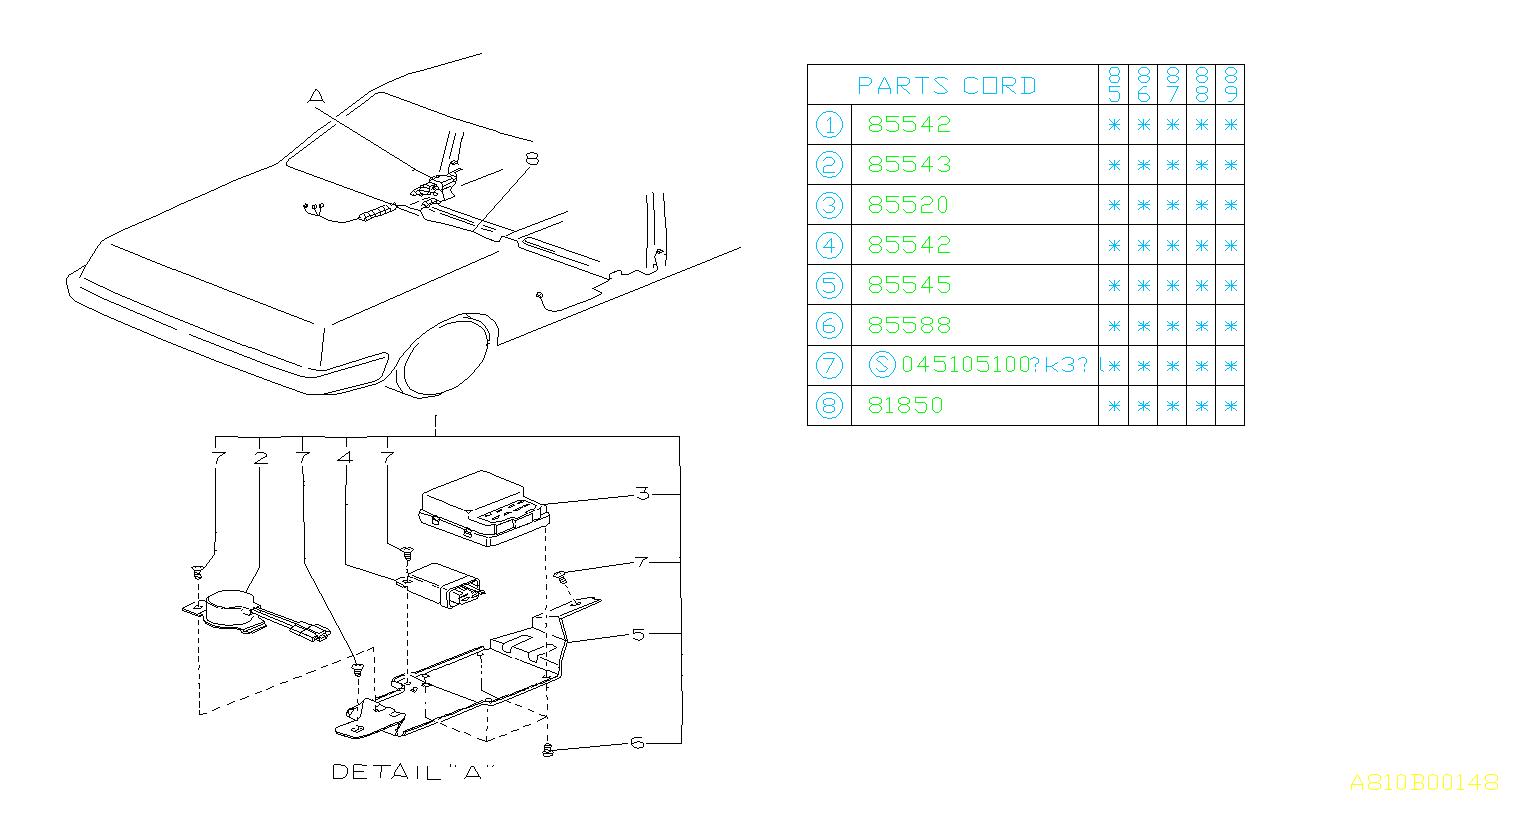 Subaru DL/GL/GL10/RS/RX Relay-power window. Equipment